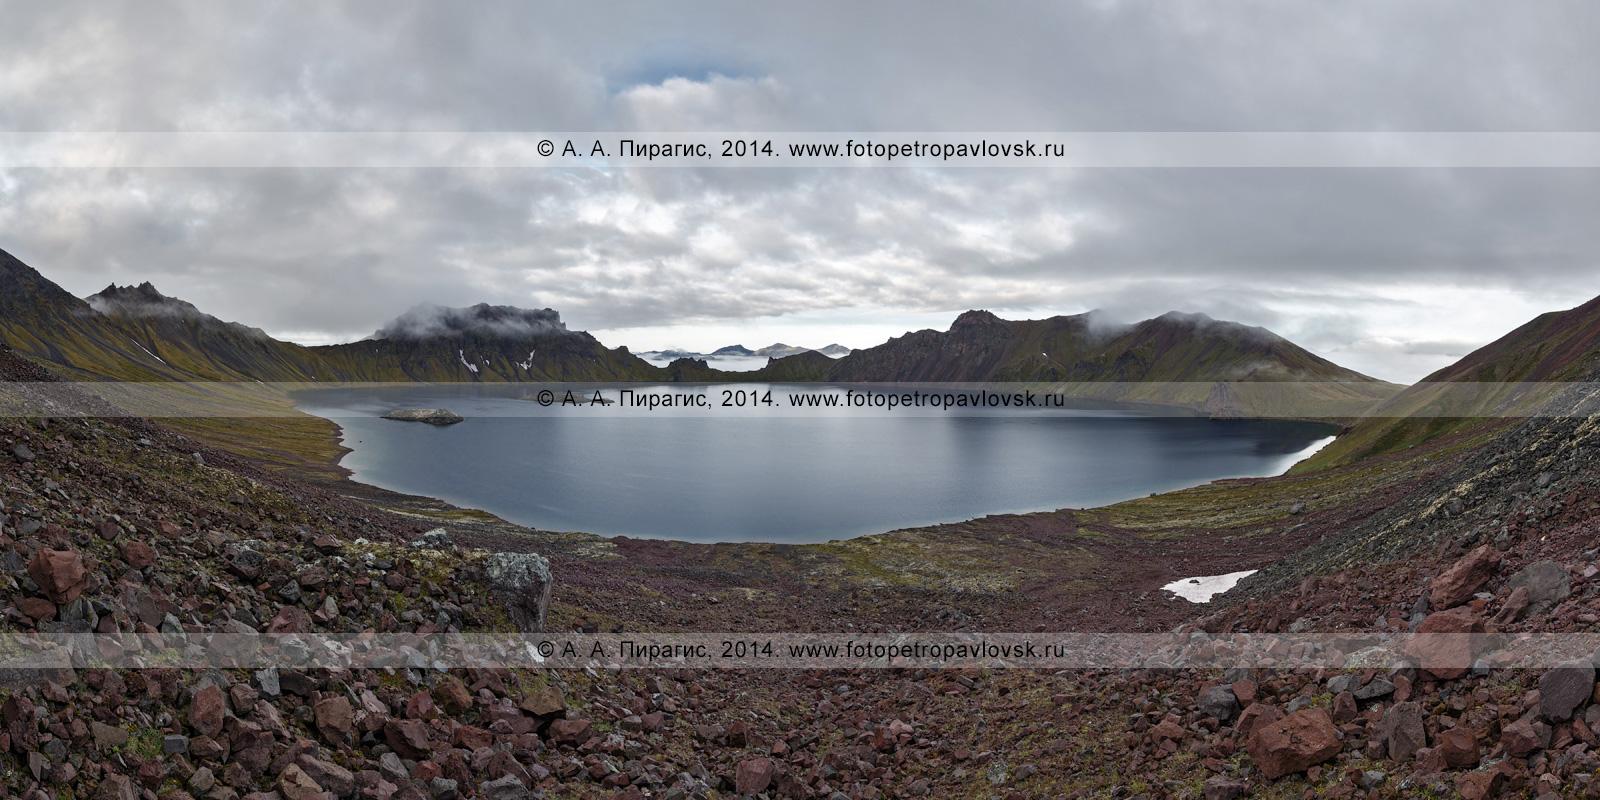 Фотография (панорама): пейзаж Камчатки — кратерное озеро Хангар (озеро Кожгумк) действующего вулкана Хангар (Khangar Volcano). Полуостров Камчатка, Срединный хребет, Срединный вулканический пояс